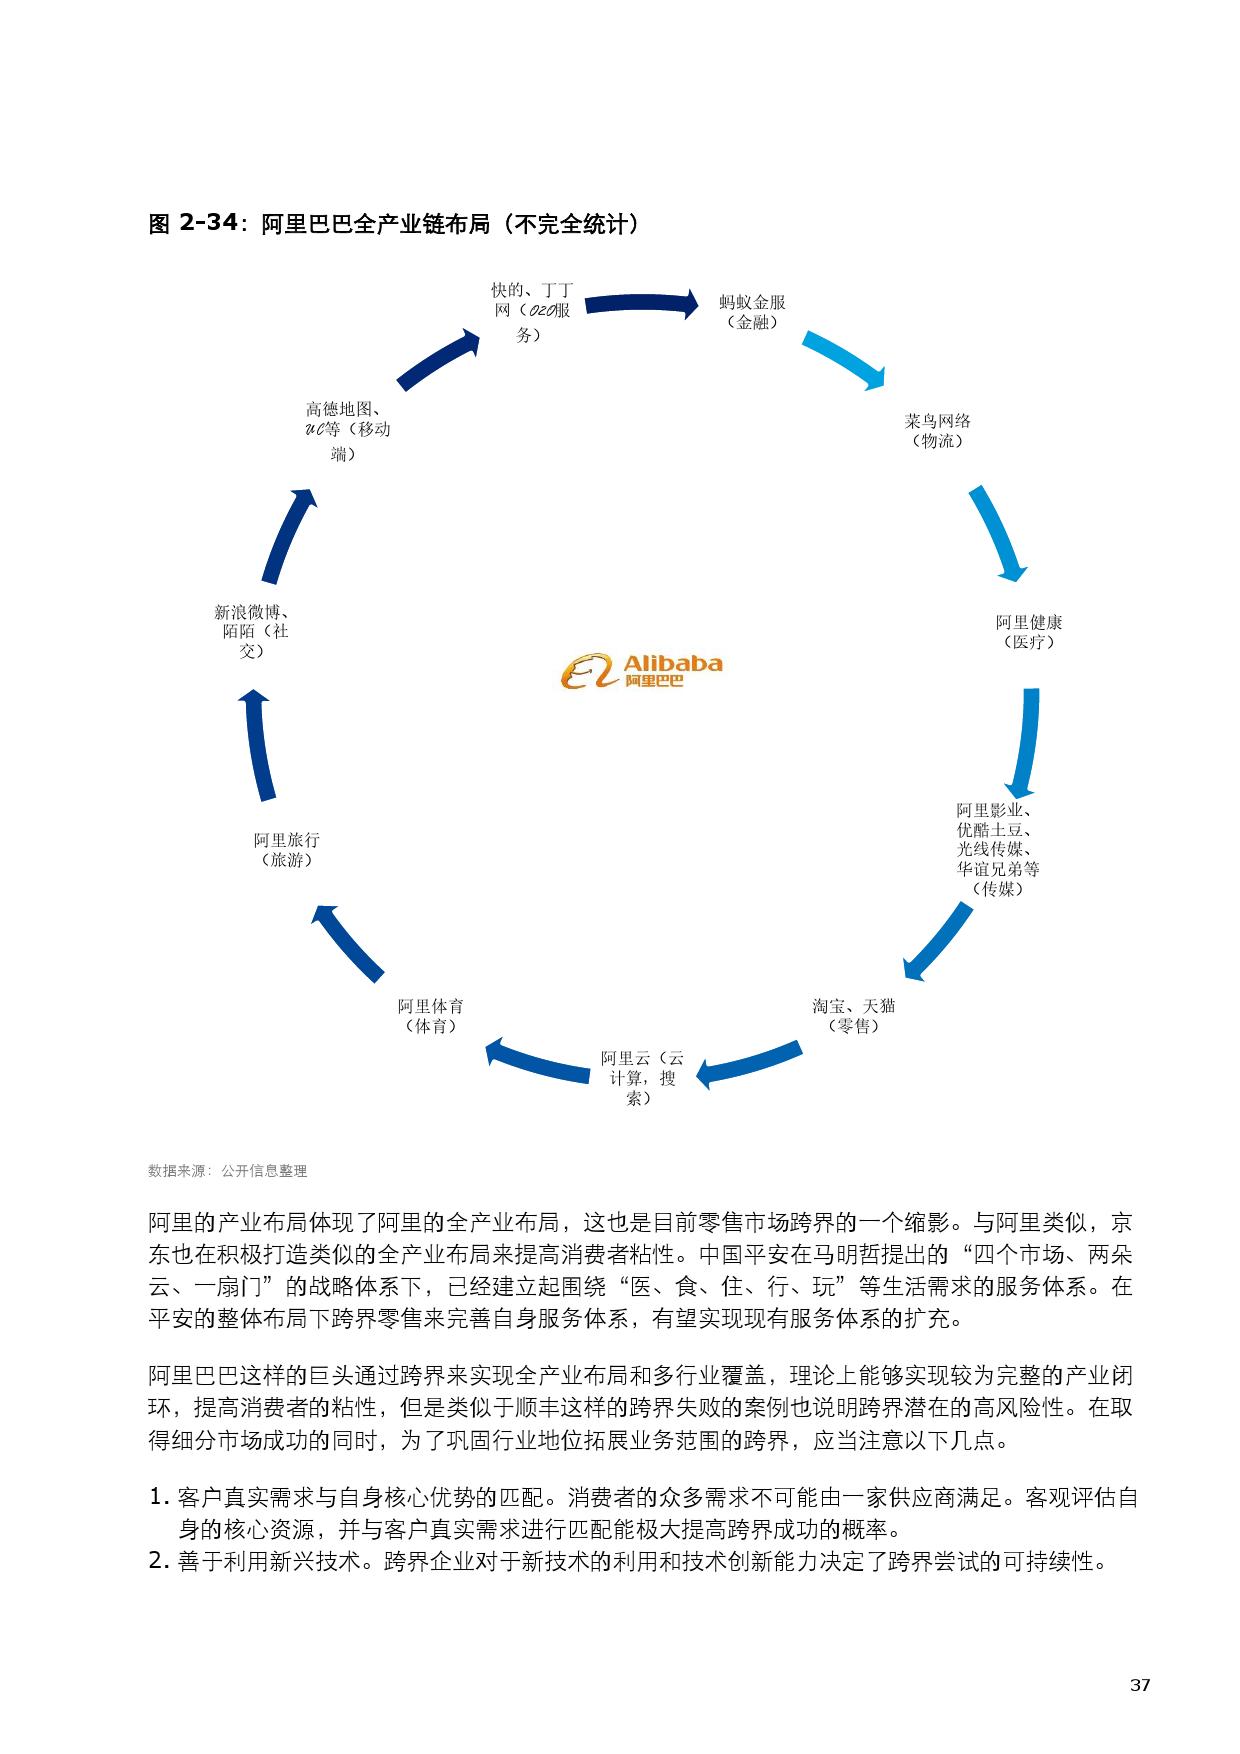 2015中国零售产业投资促进报告_000045